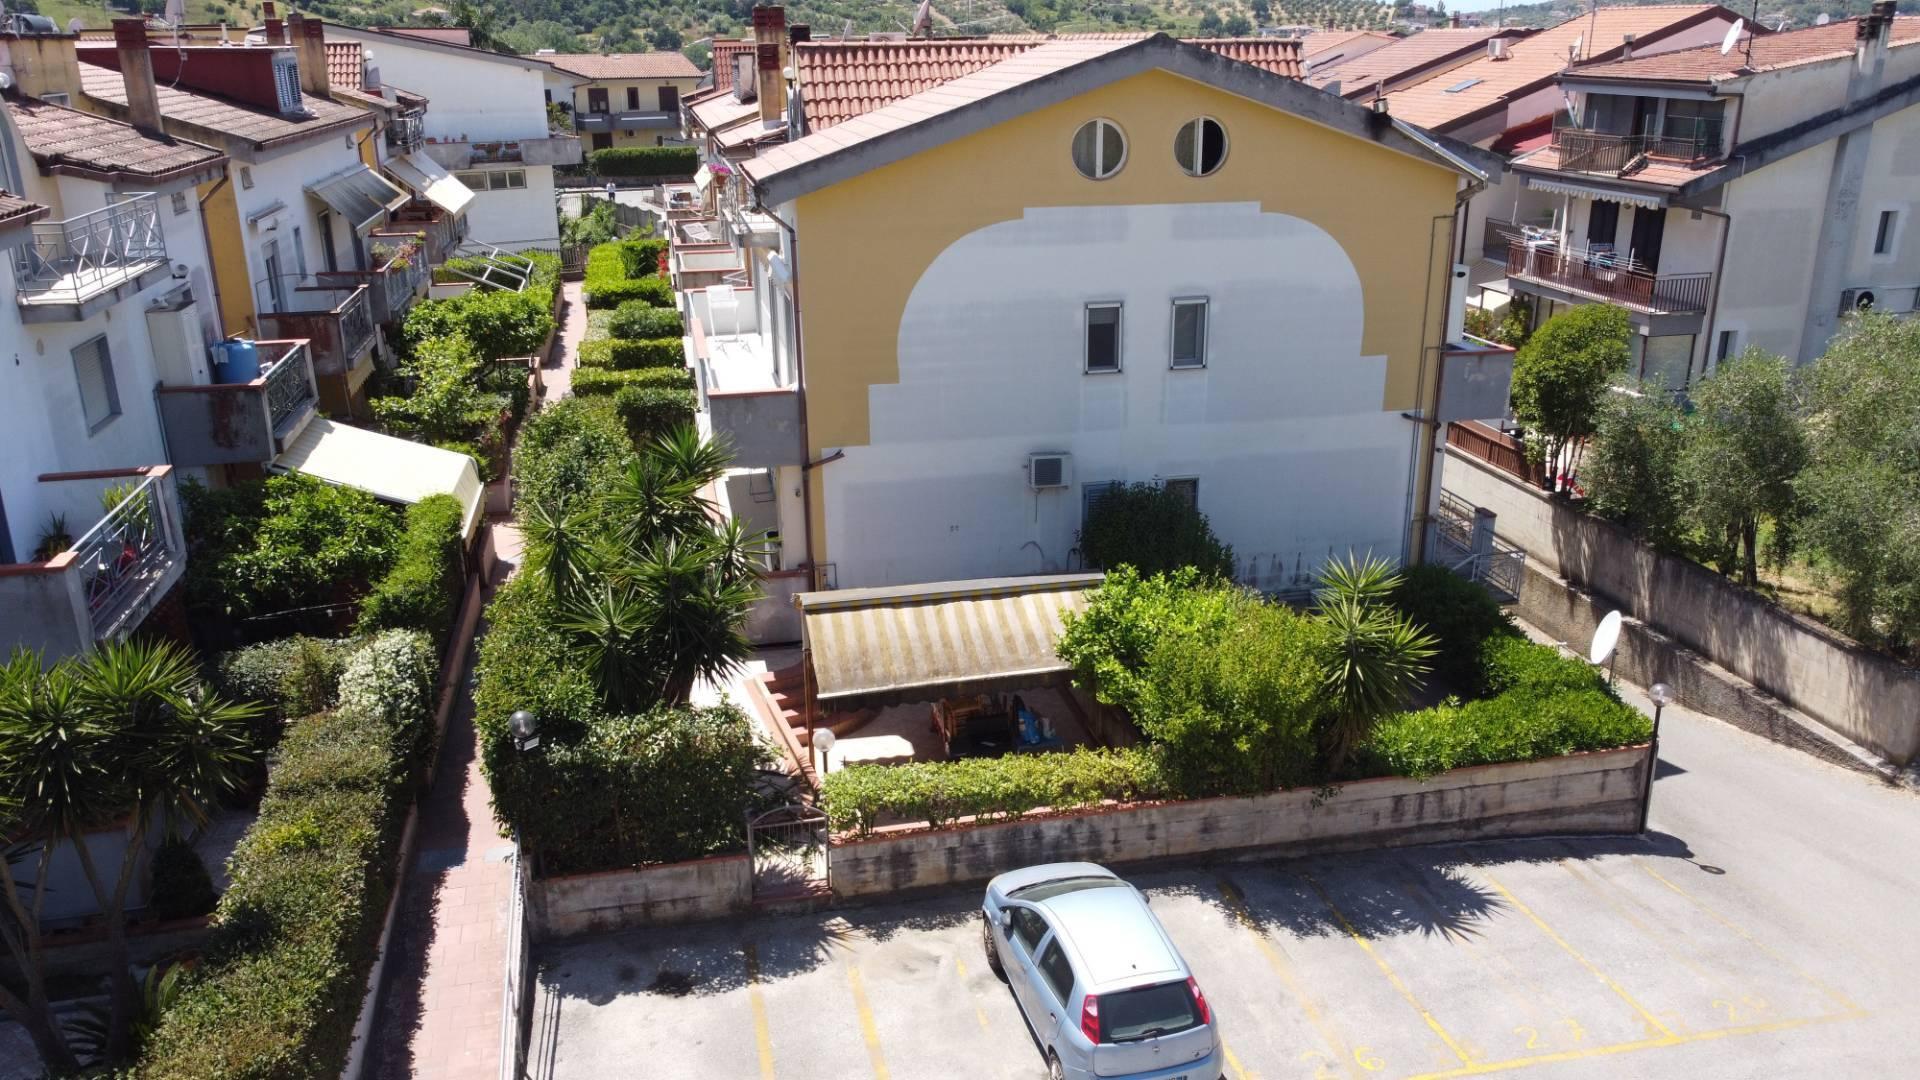 Appartamento in vendita a Agropoli, 3 locali, zona Località: MadonnadelCarmine, prezzo € 99.000 | CambioCasa.it